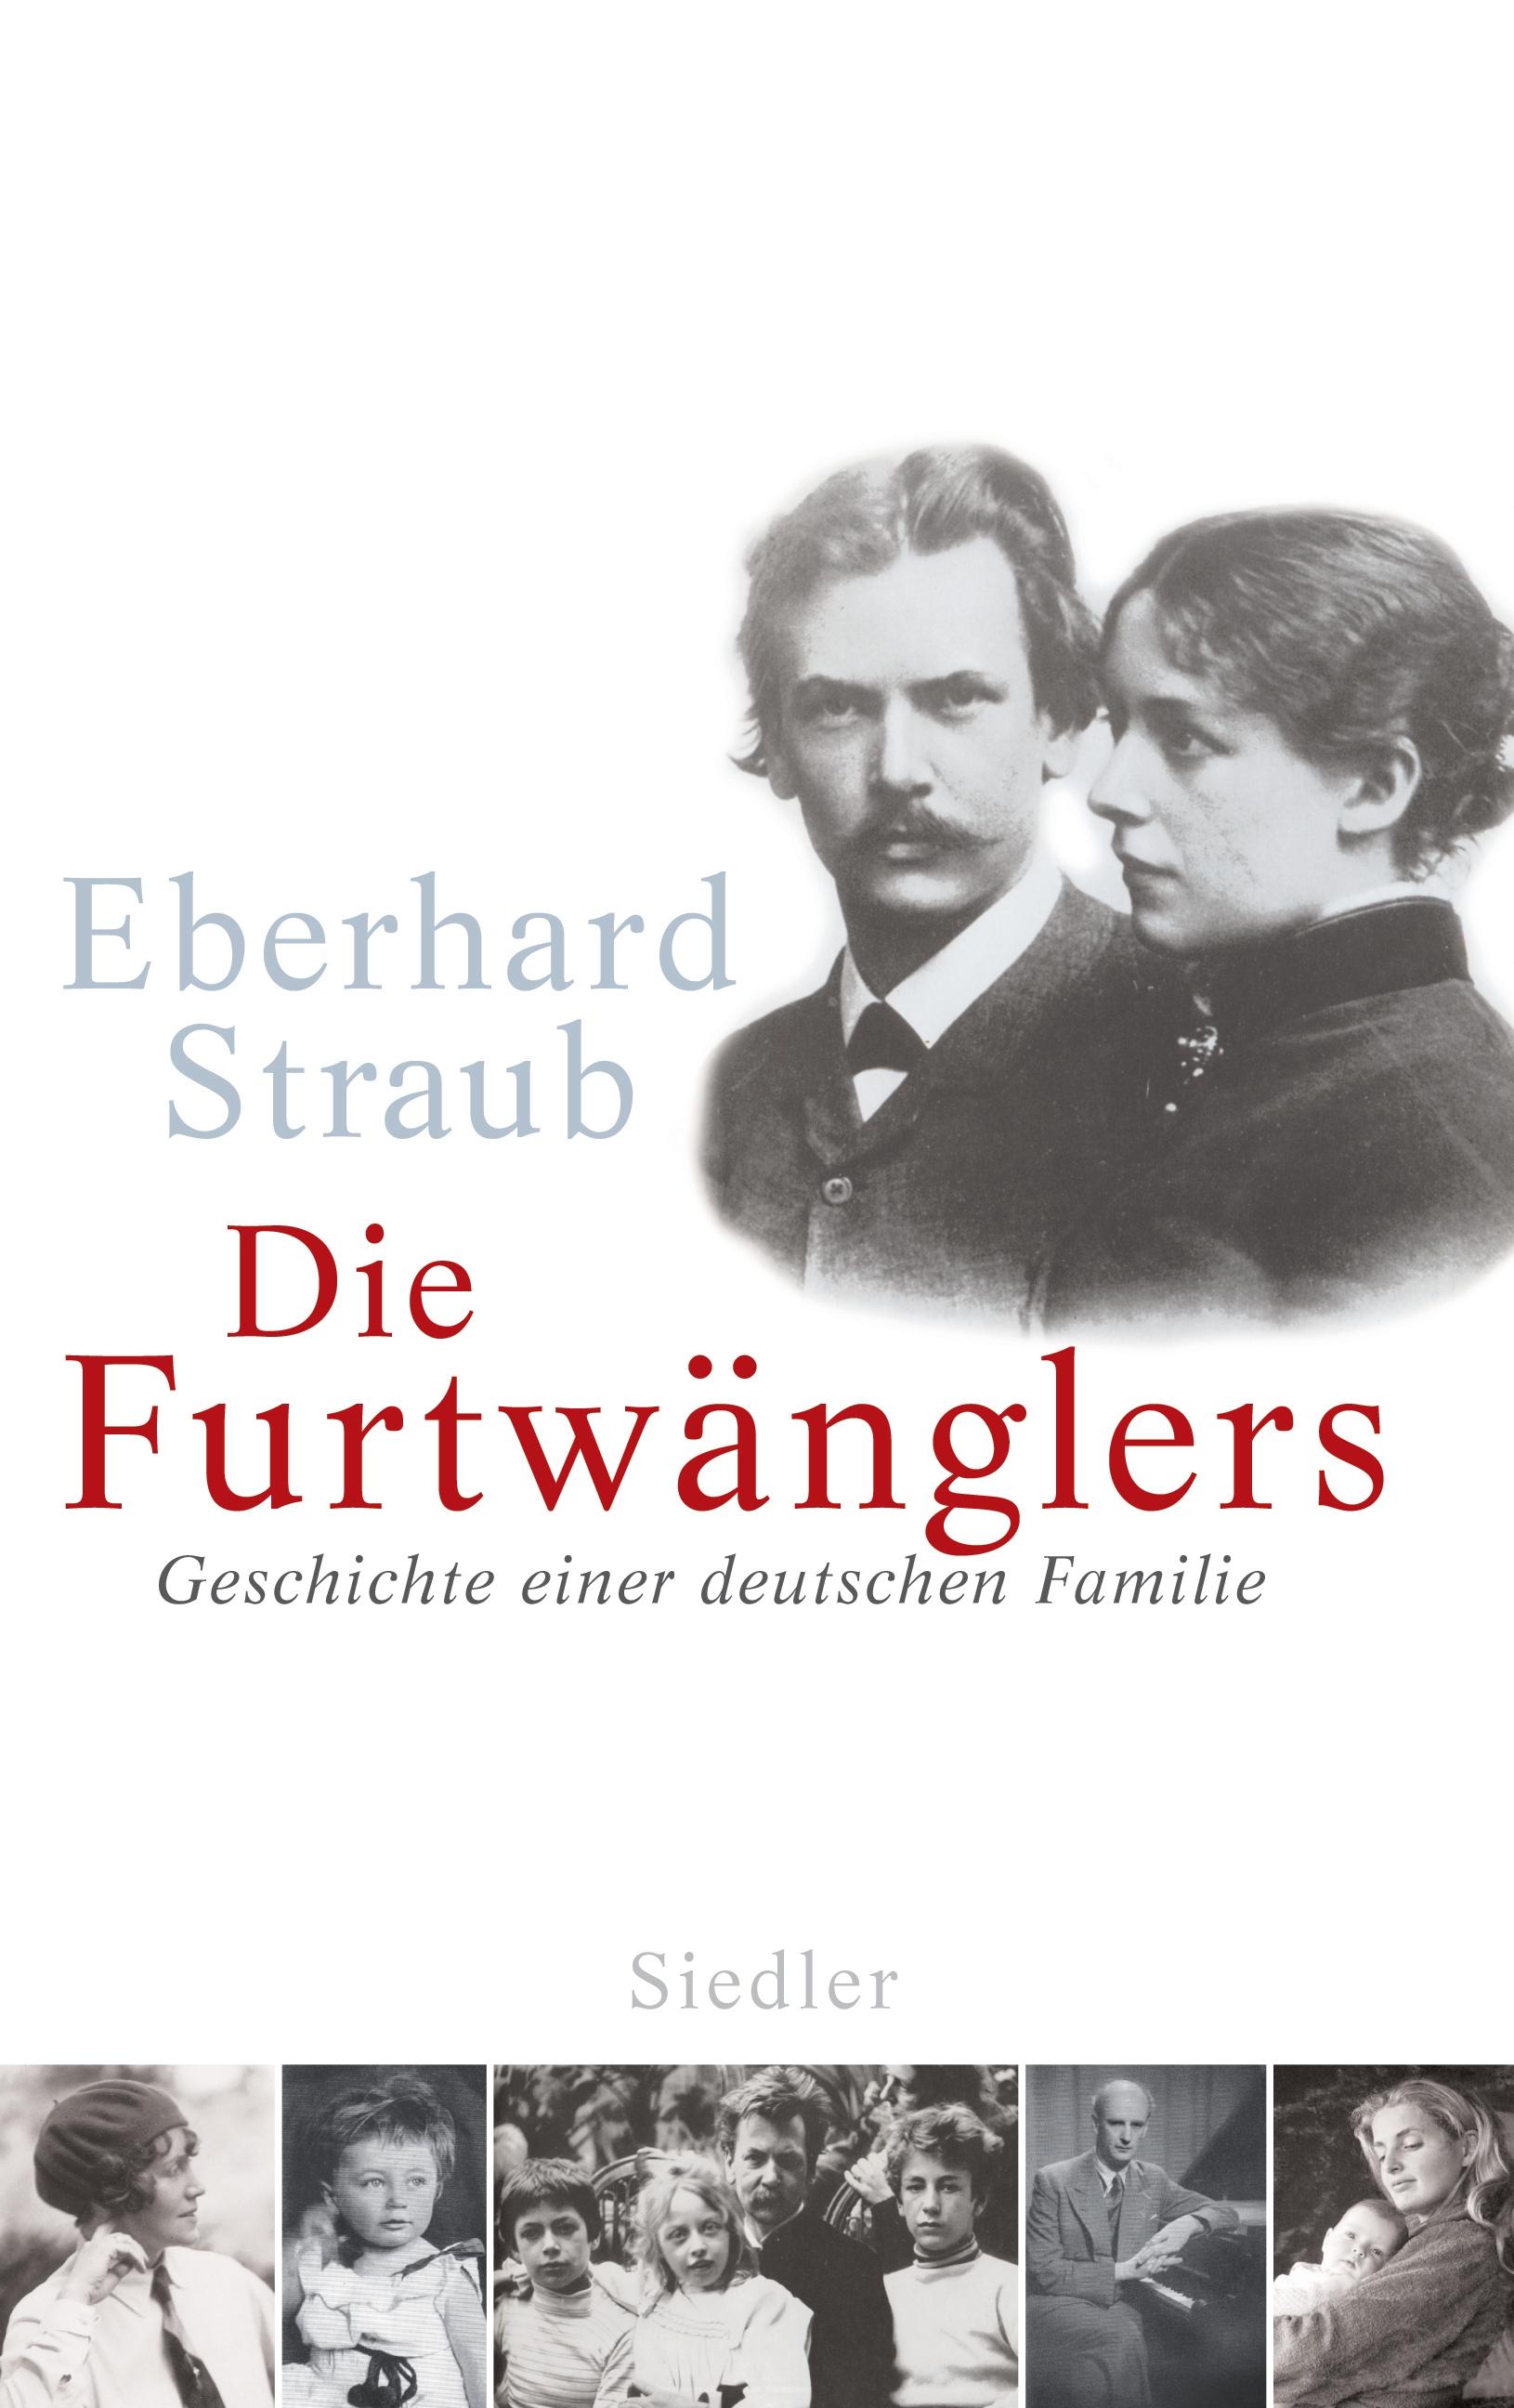 Signierstunde mit Eberhard Straub